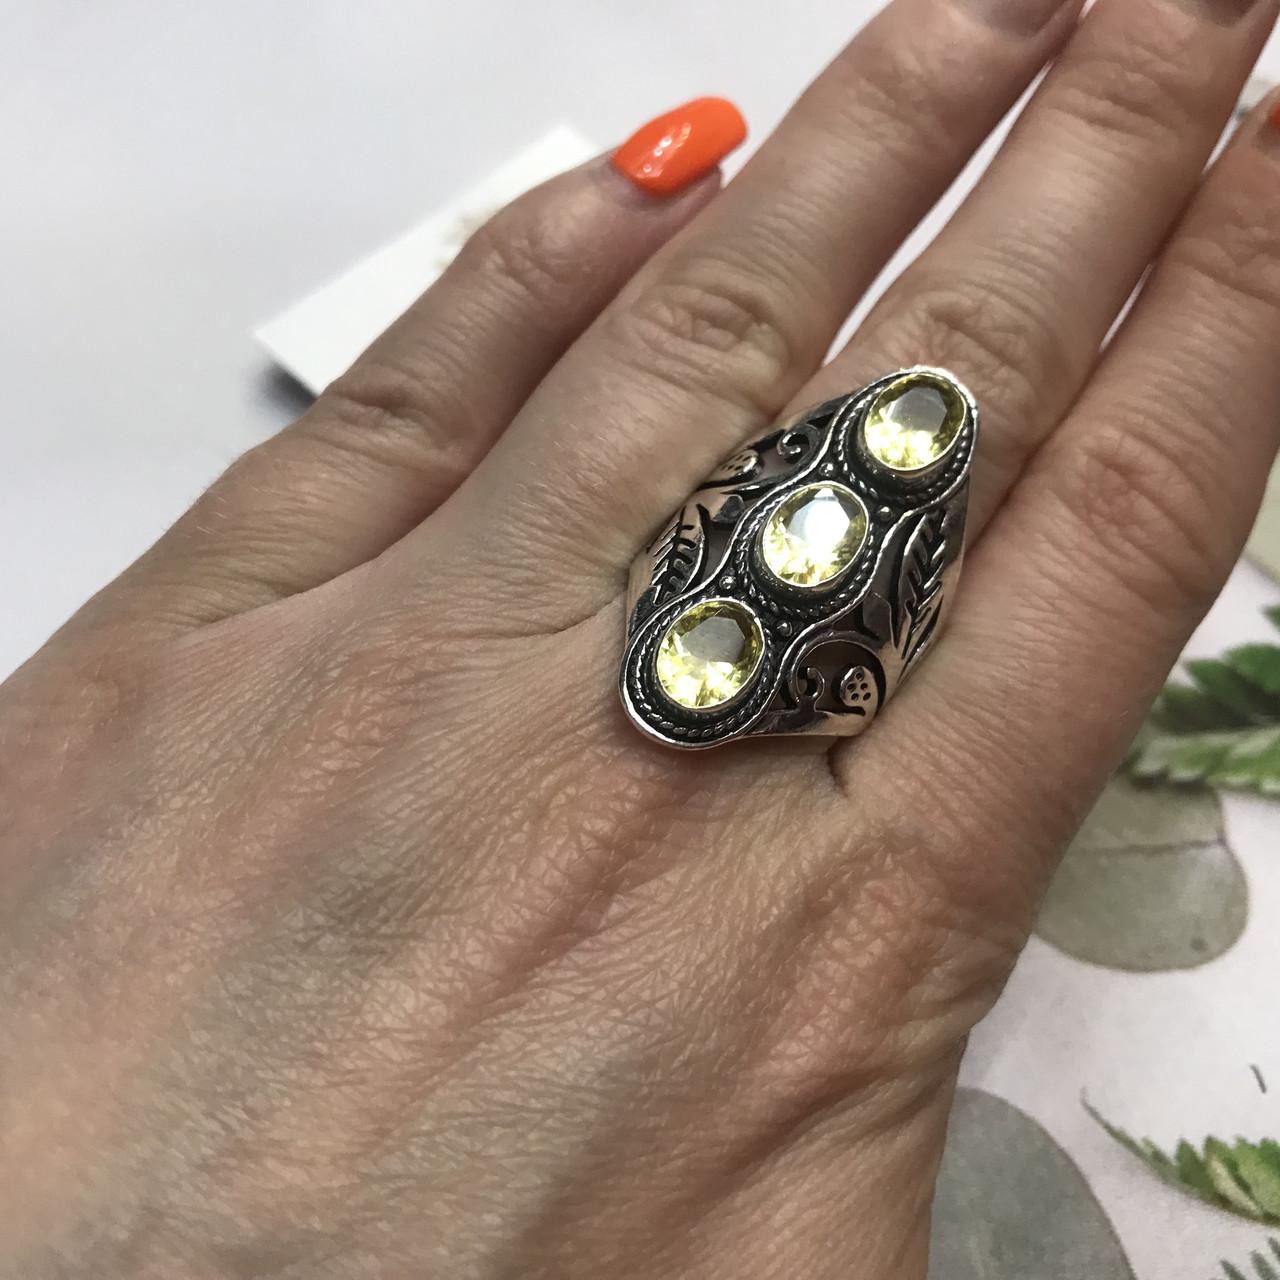 Цитрин 18,3 розмір кільце з цитрином кільце з каменем жовтий цитрин в сріблі Індія